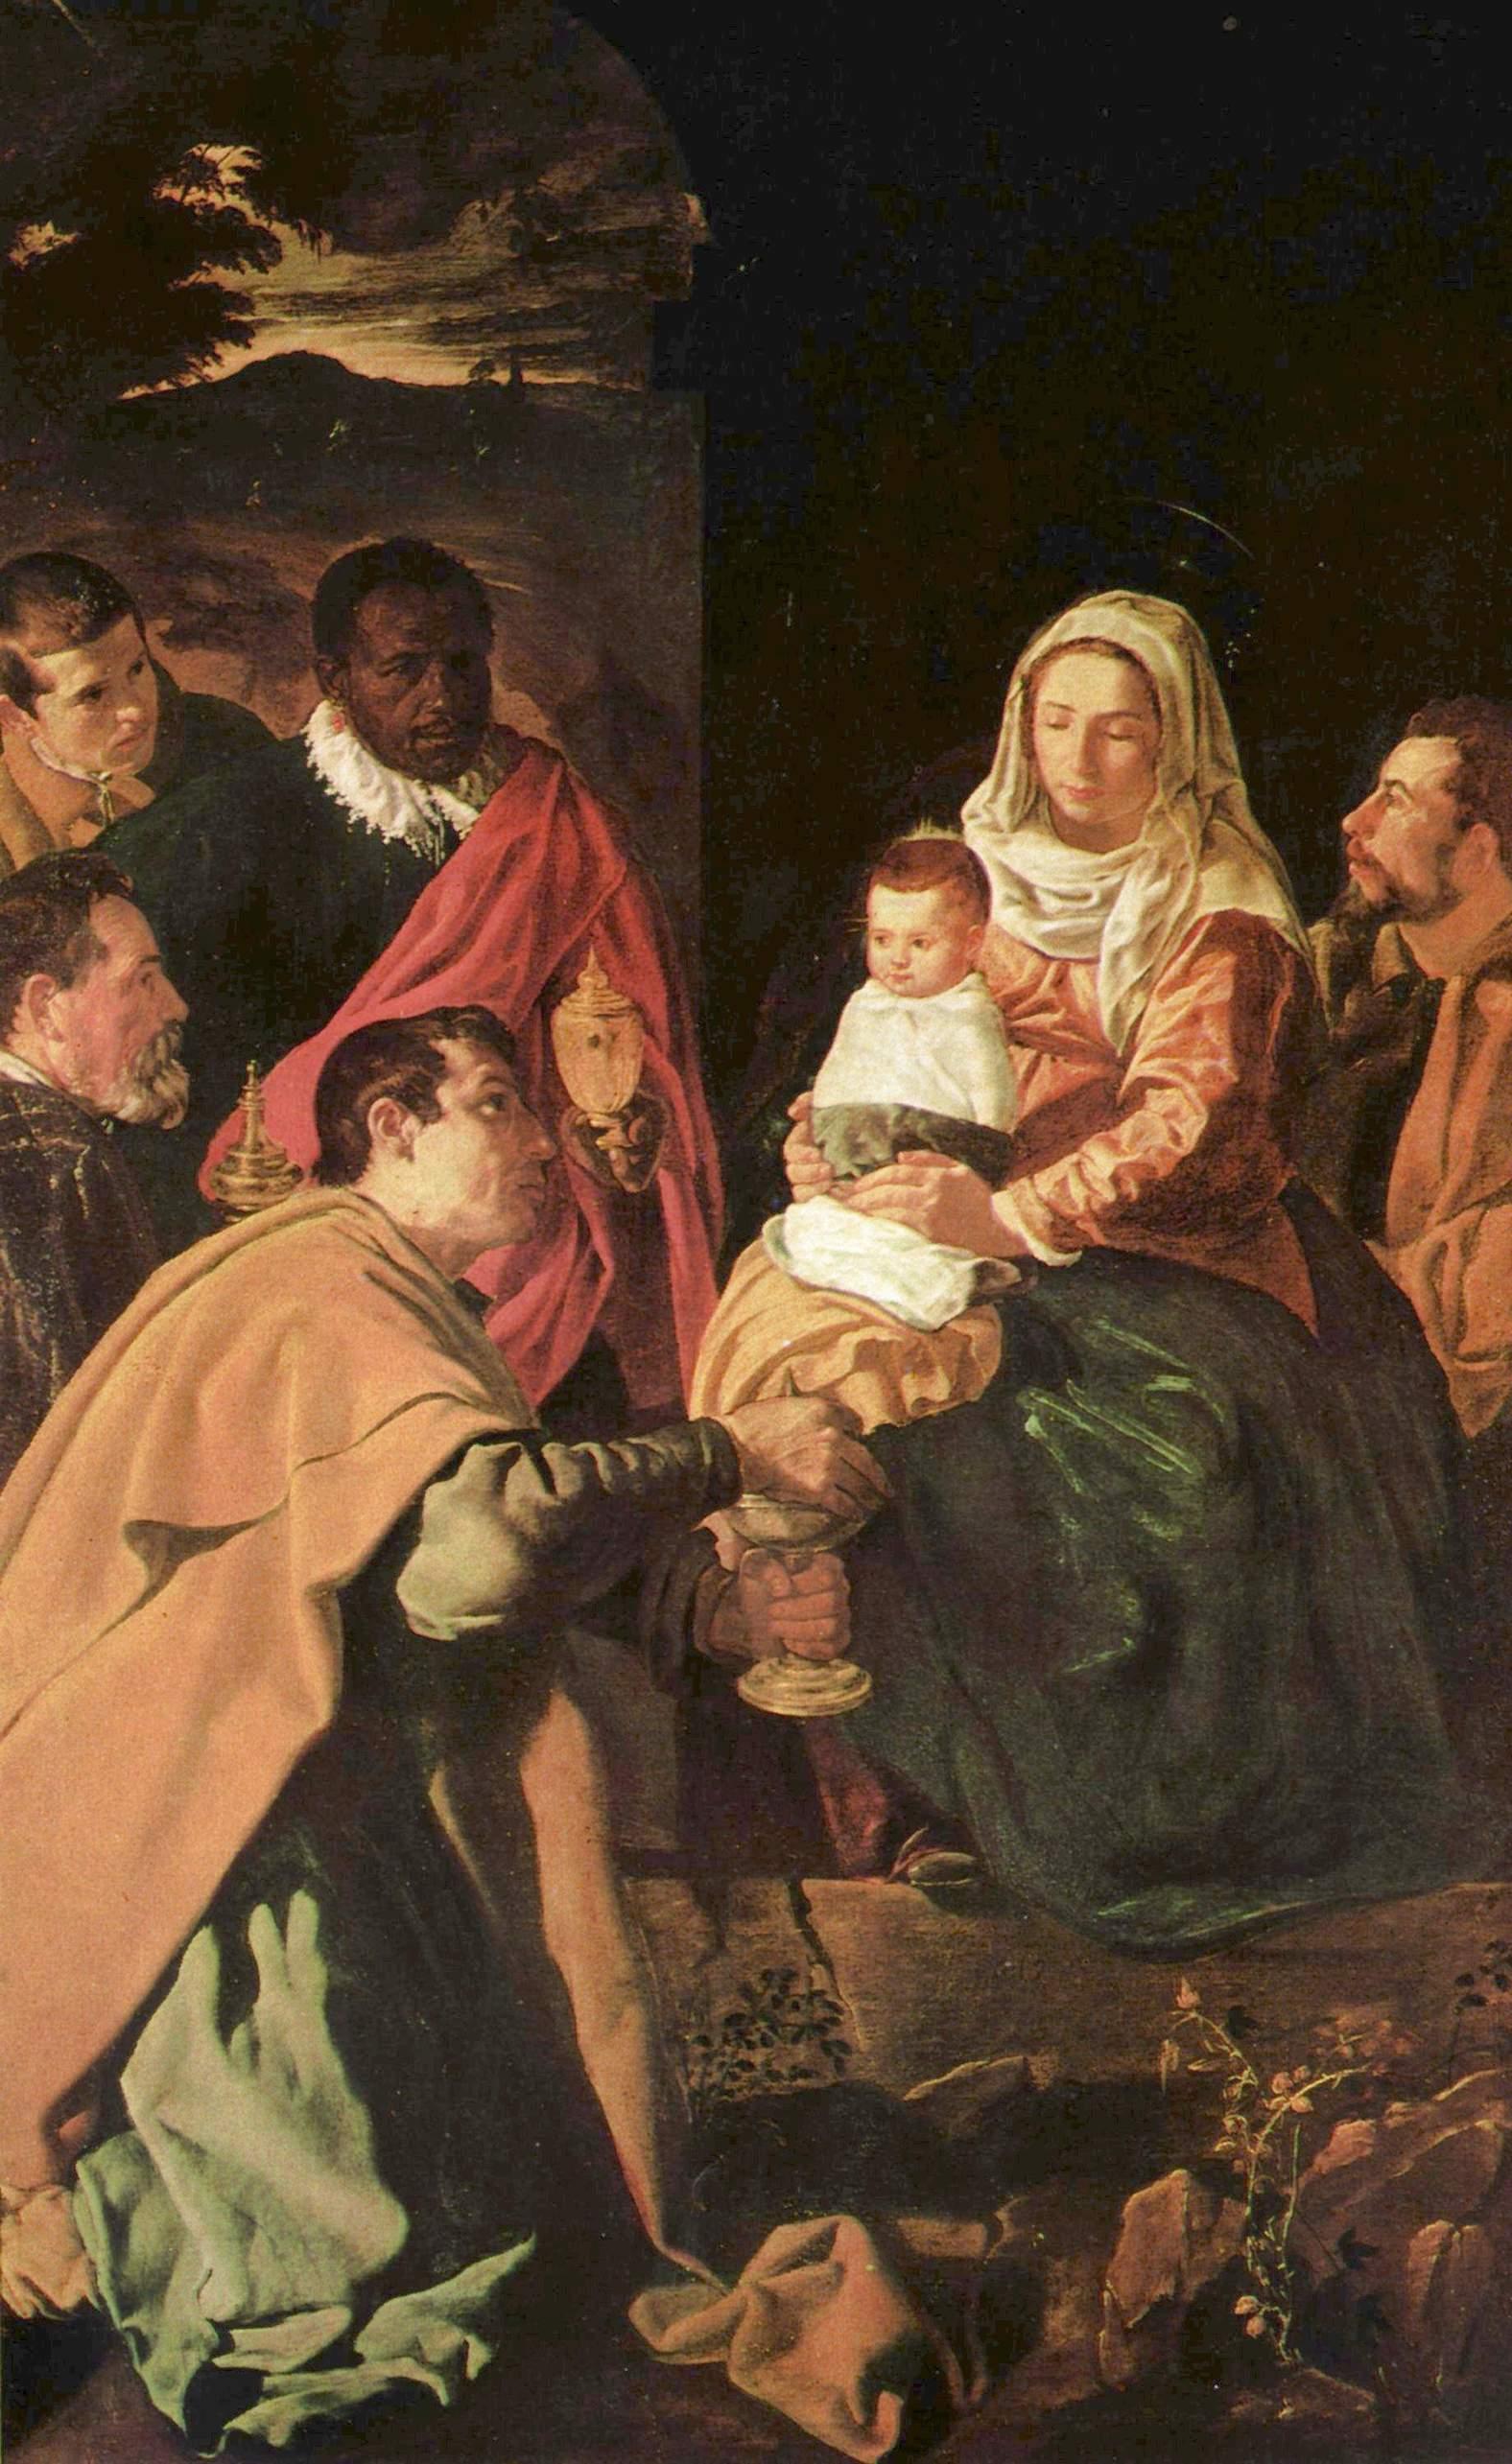 Diego Velázquez [Public domain or Public domain], via Wikimedia Commons